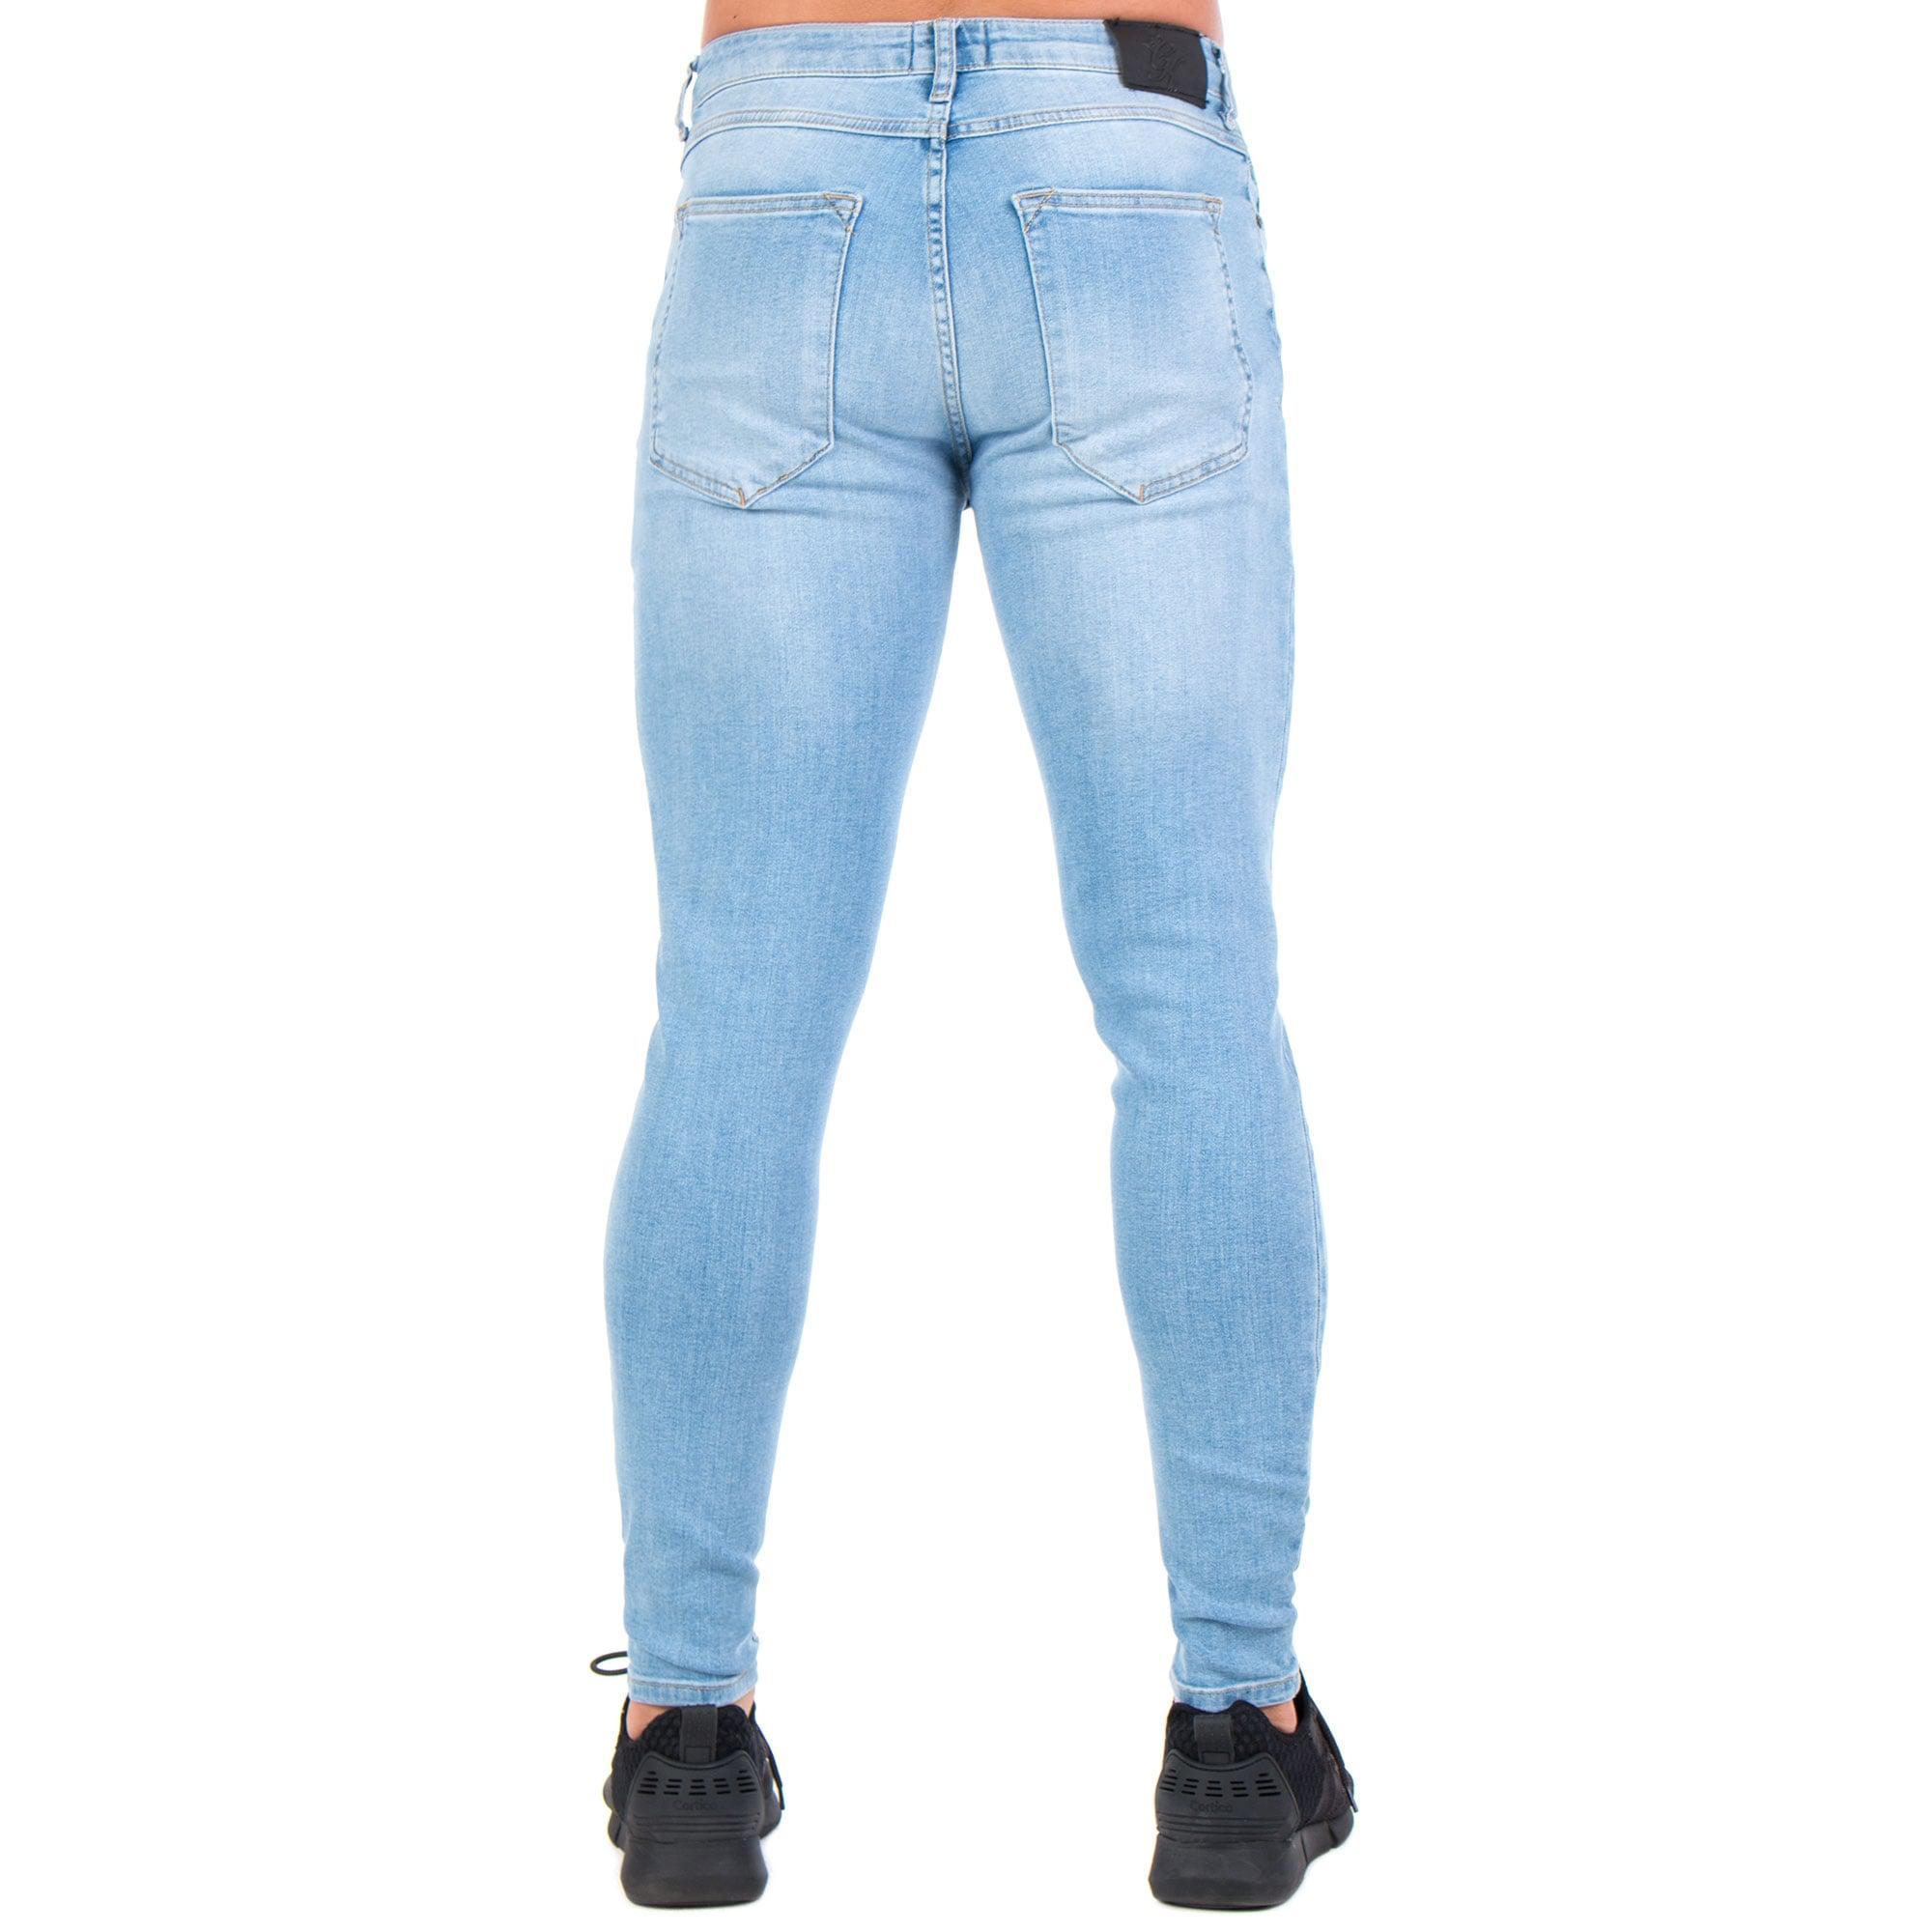 Gym King Denim Distressed Jeans in Wash Blue (Blue) for Men